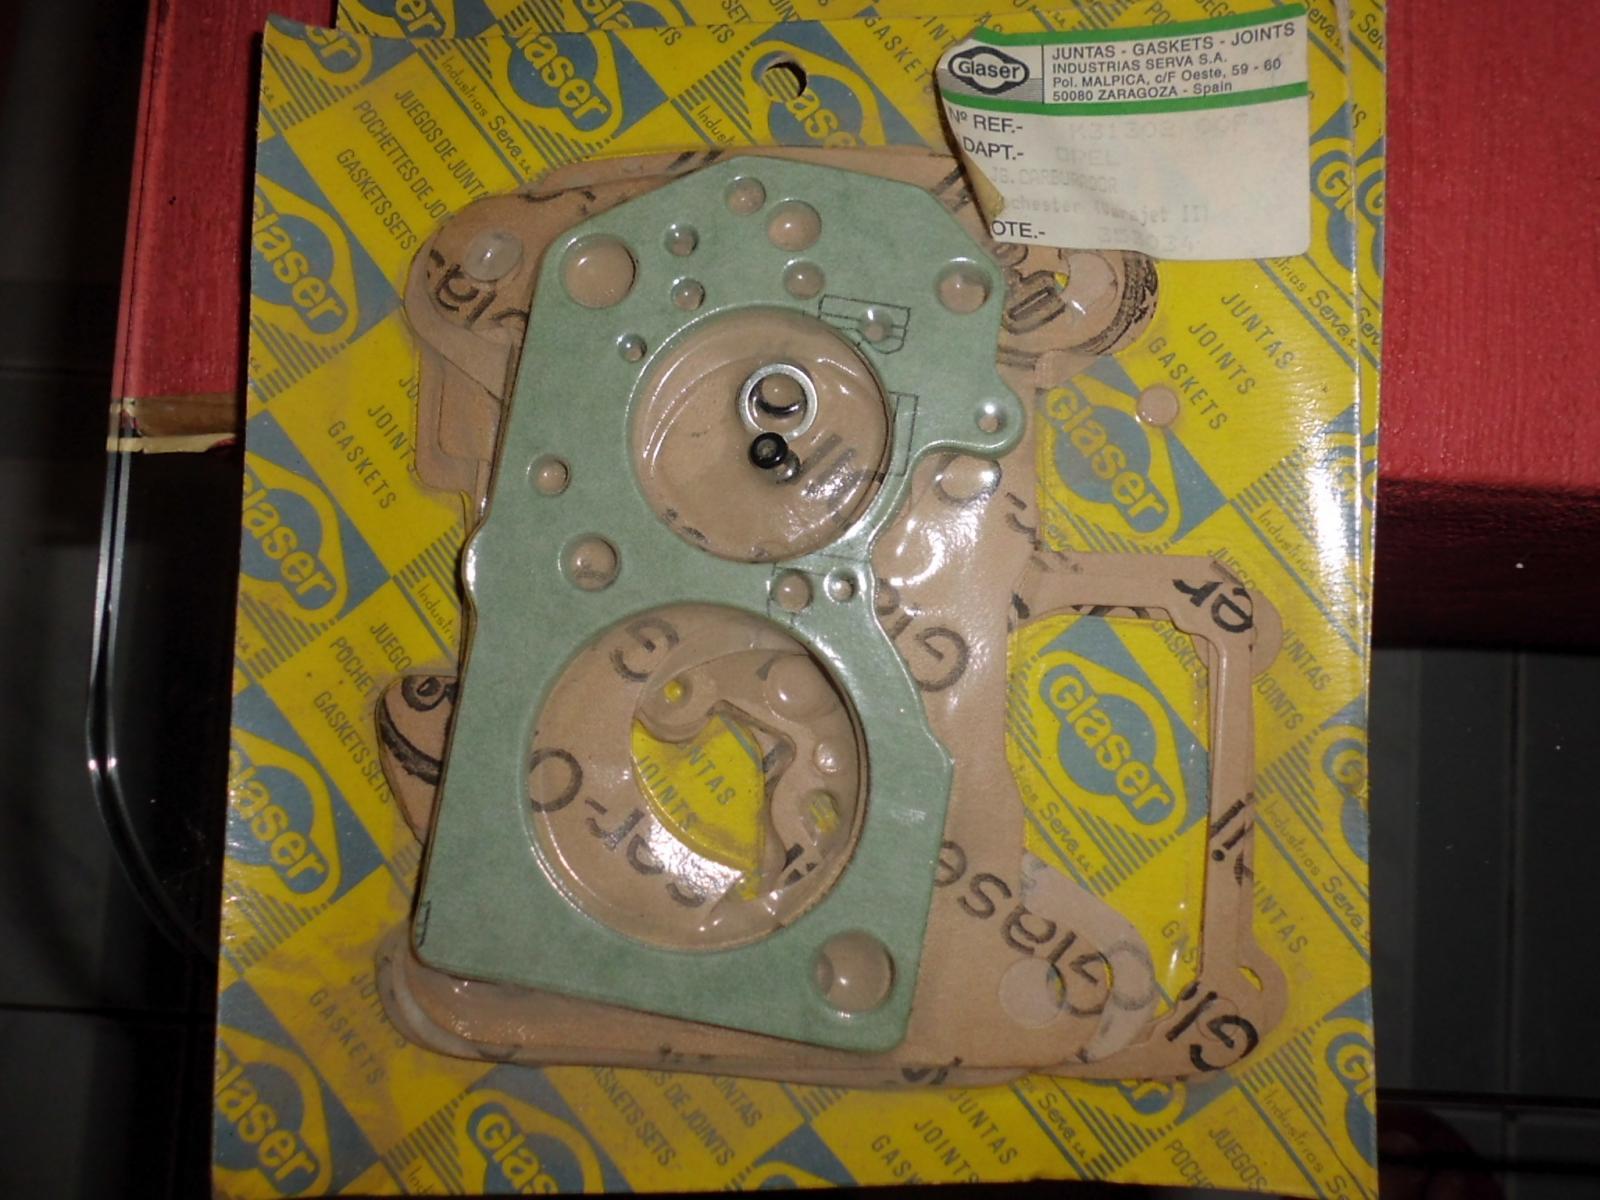 Junta carburador Opel Ascona Kadett record carburador Rochester-Varajet II